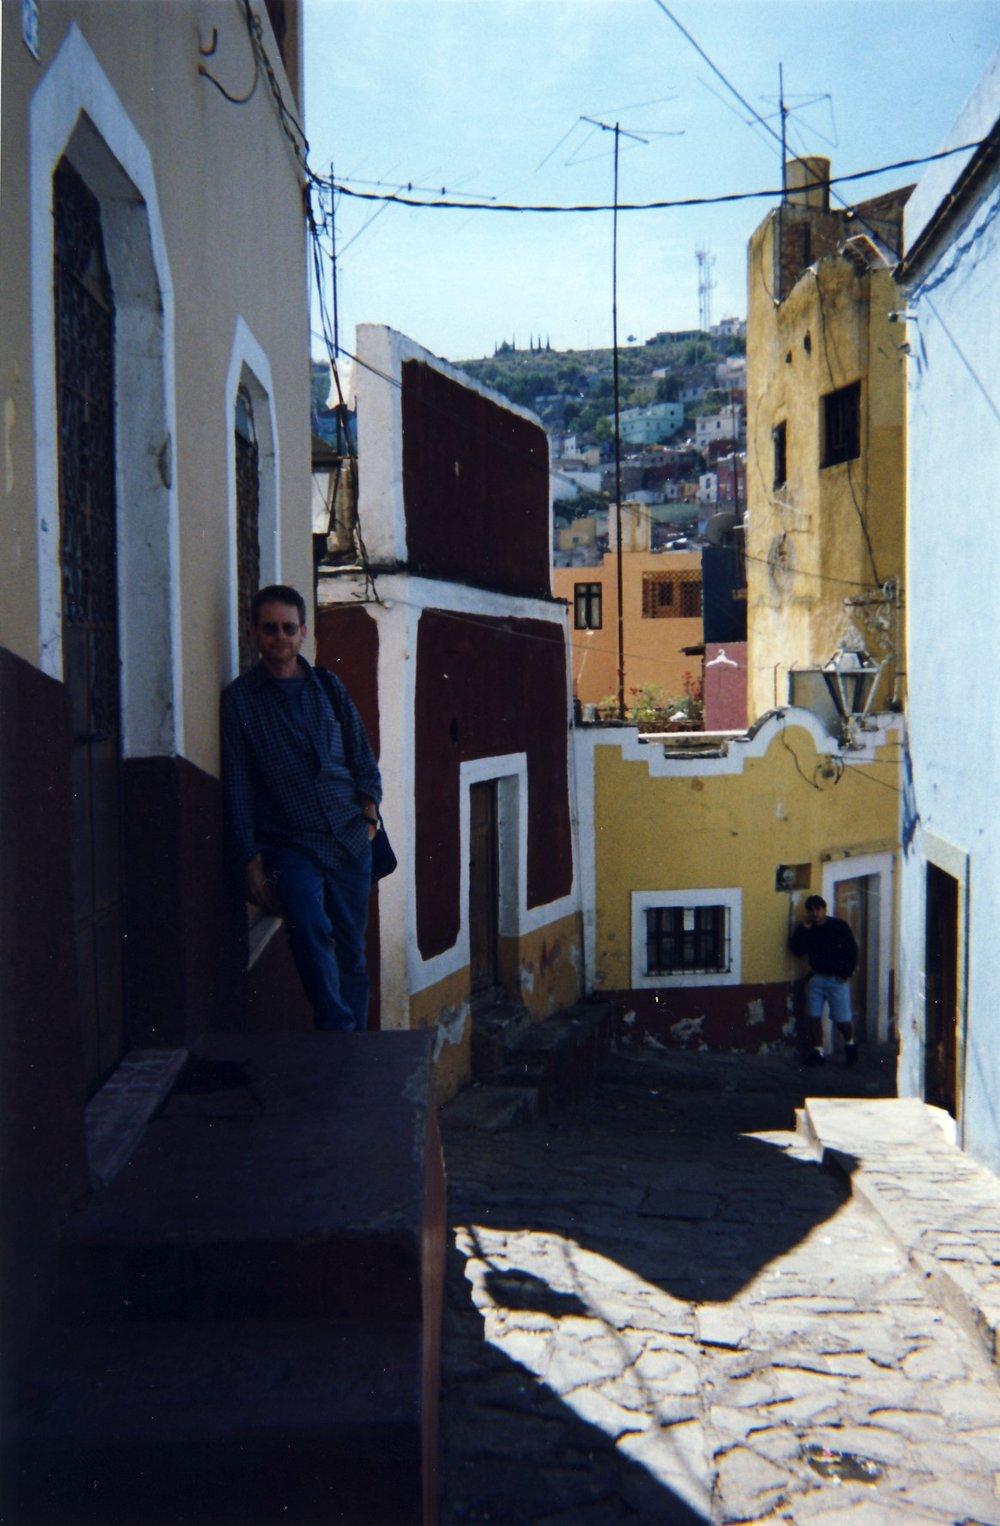 guan streets near univeristy 2.jpg